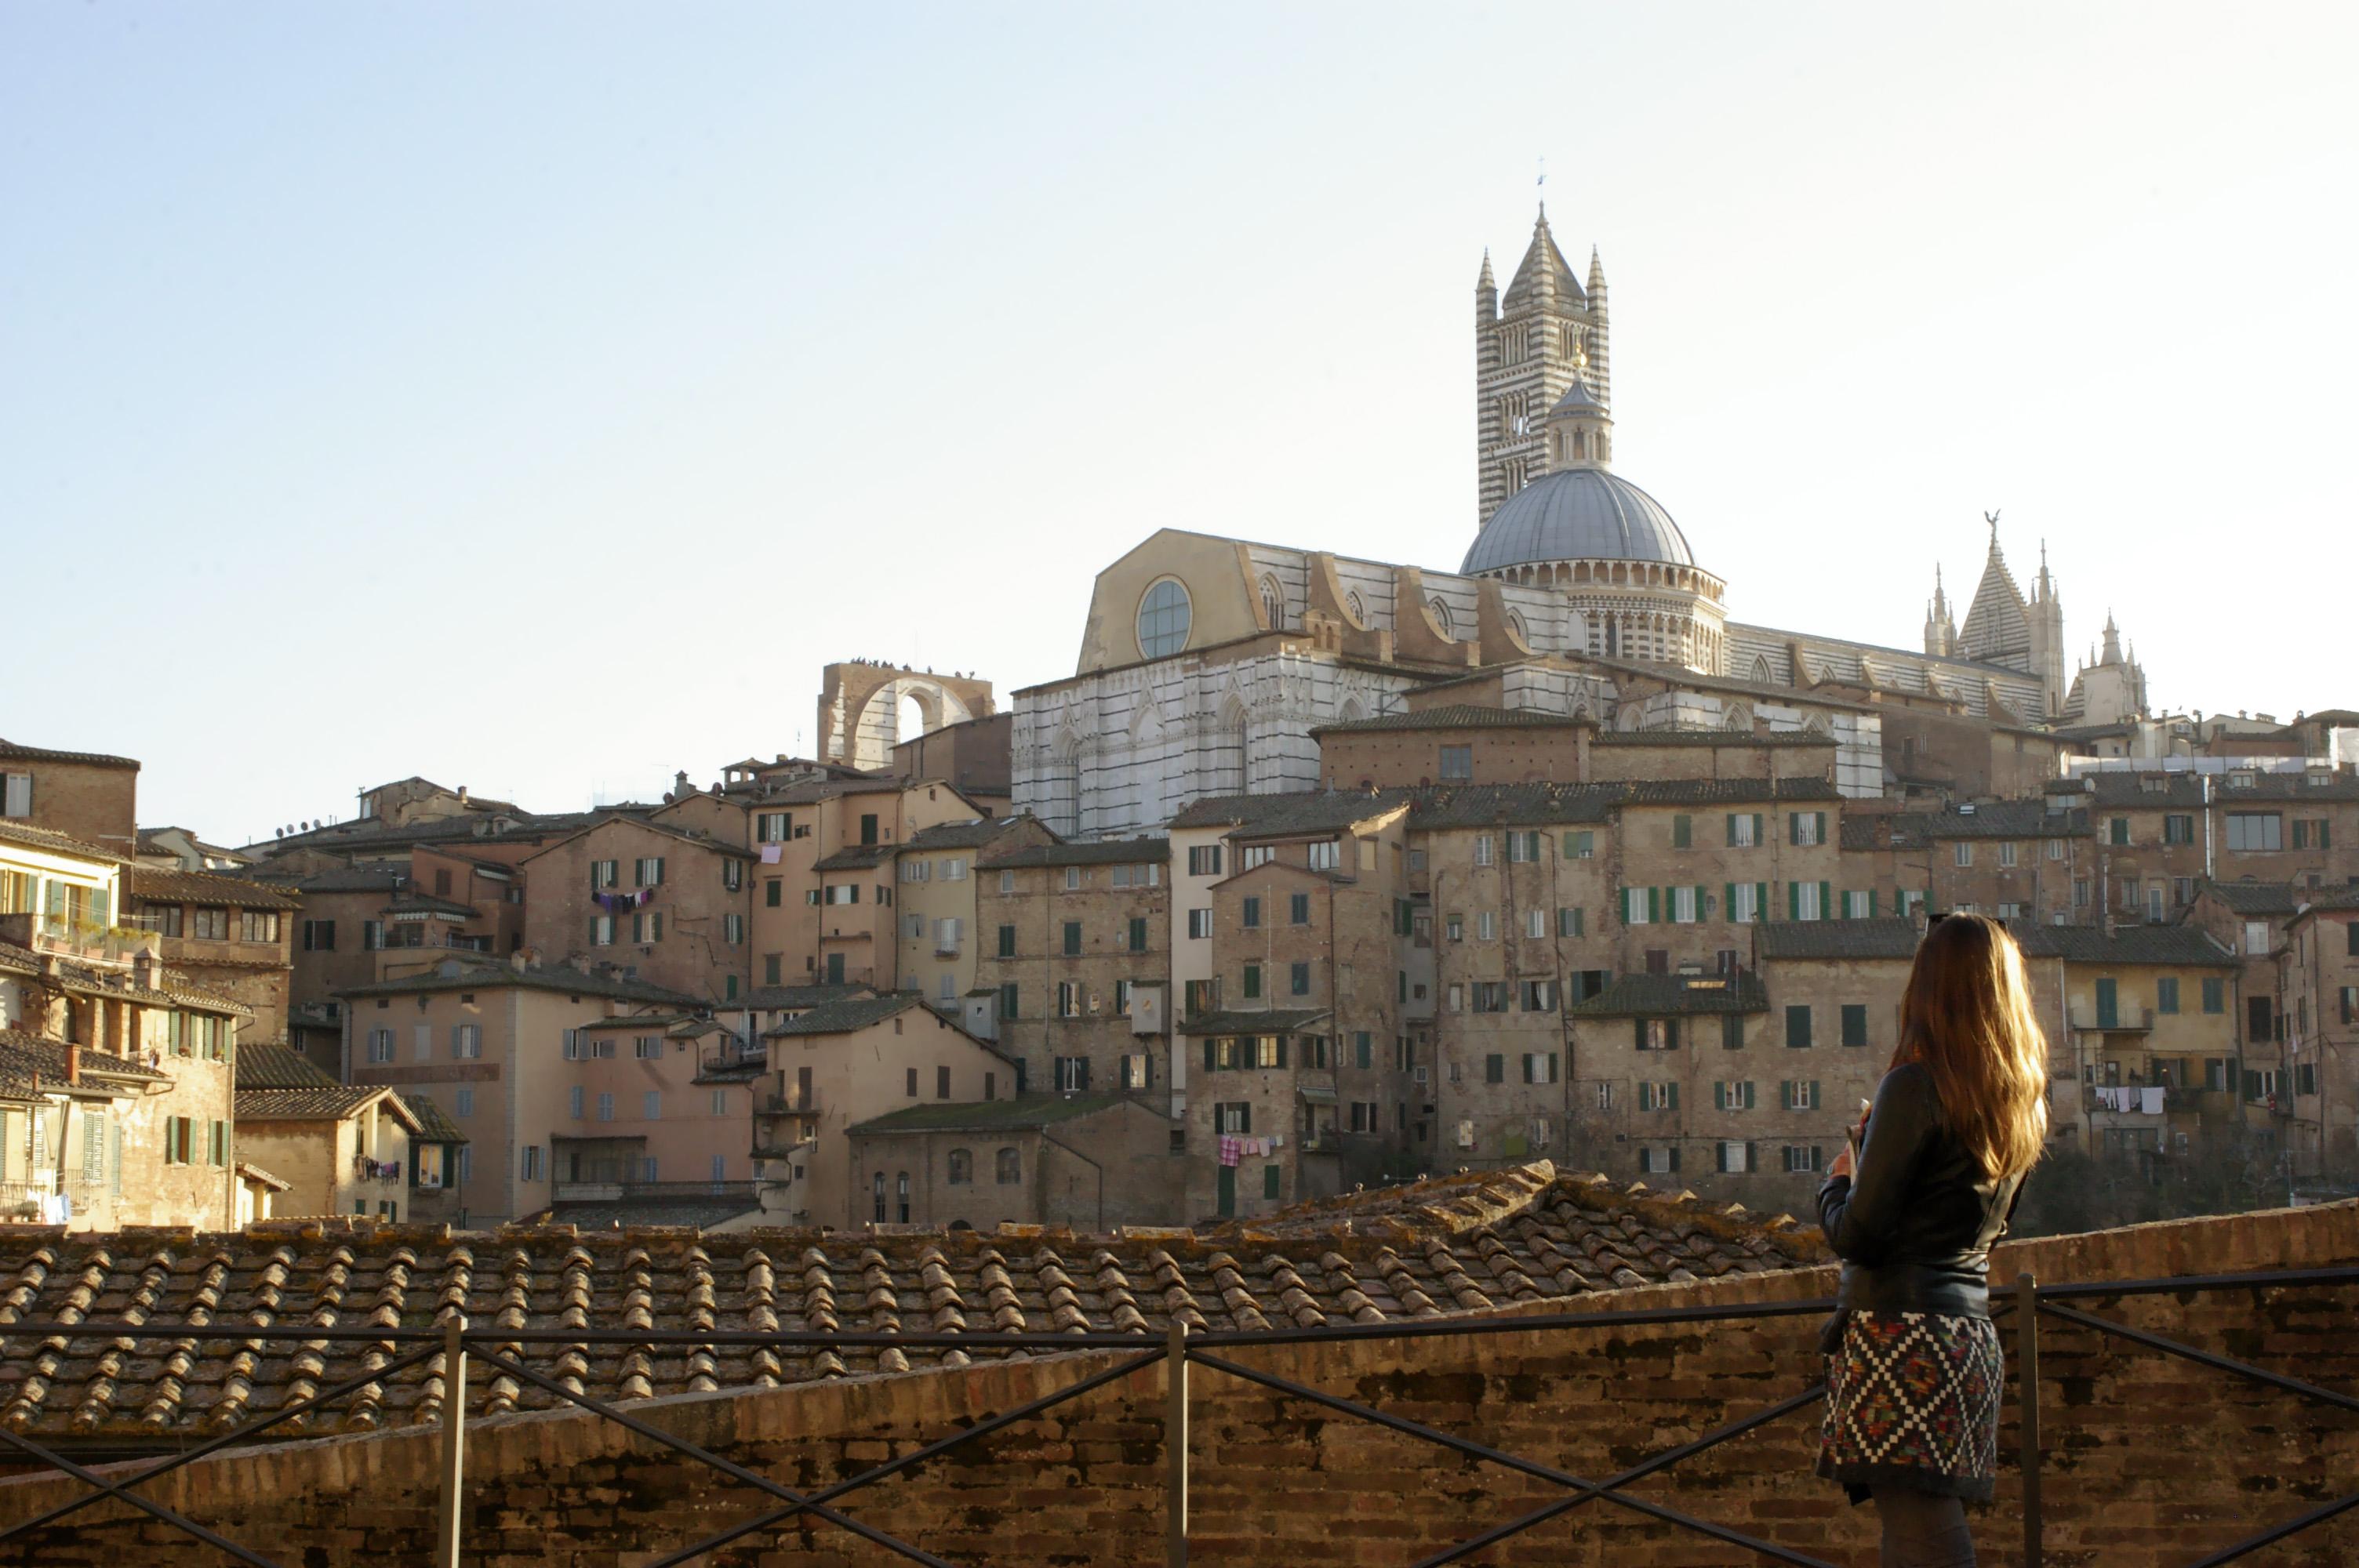 Toskania w swetrze – czy warto zimą? Część I: Lucca, Piza, Siena.